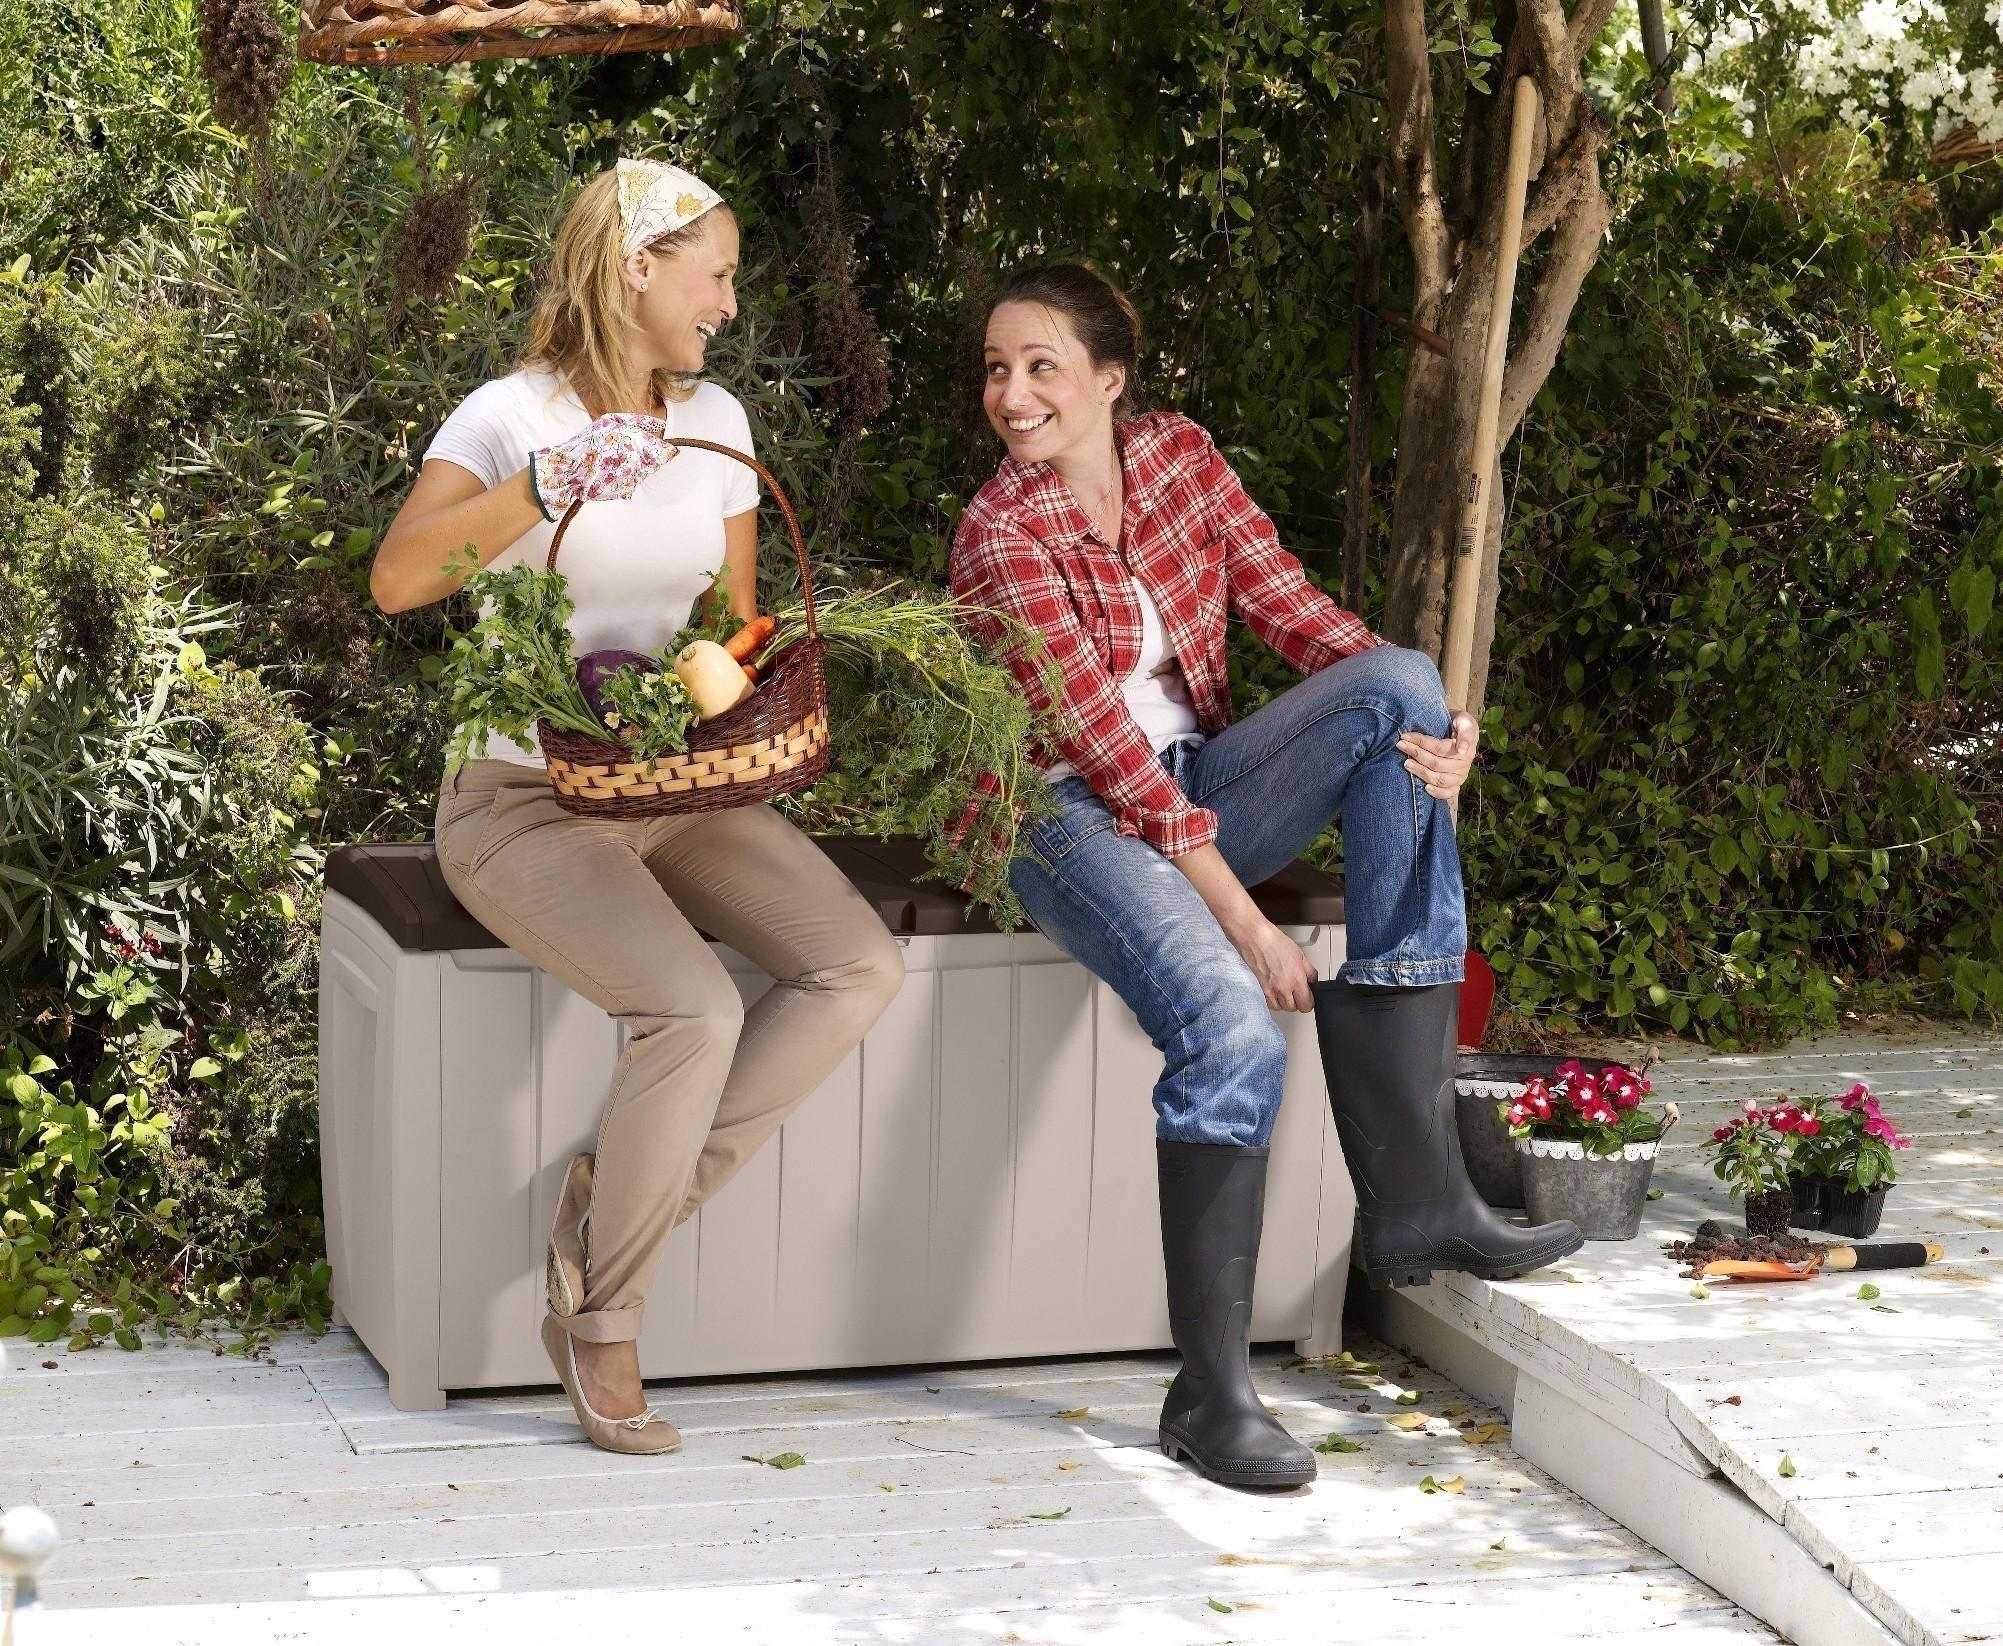 Gartenmobel Set Poco Domane :   Sitzbank Novel Tepro Kunststoff 125x55x63cm  bei edingershopsde